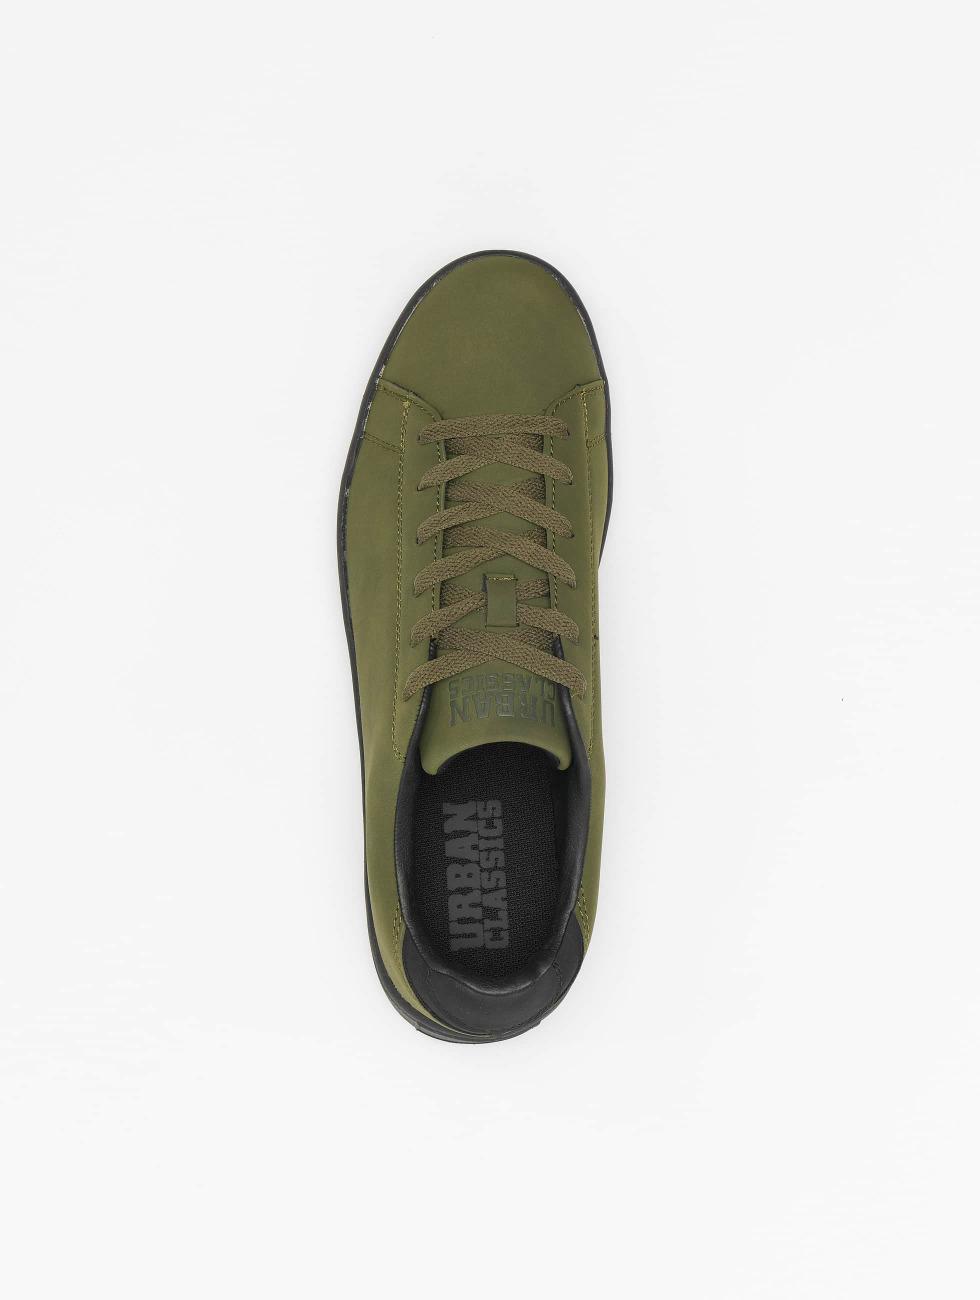 Classici Urbani Scarpa / Estate Sneaker In Oliva 477 479 2DW6KUpZTk